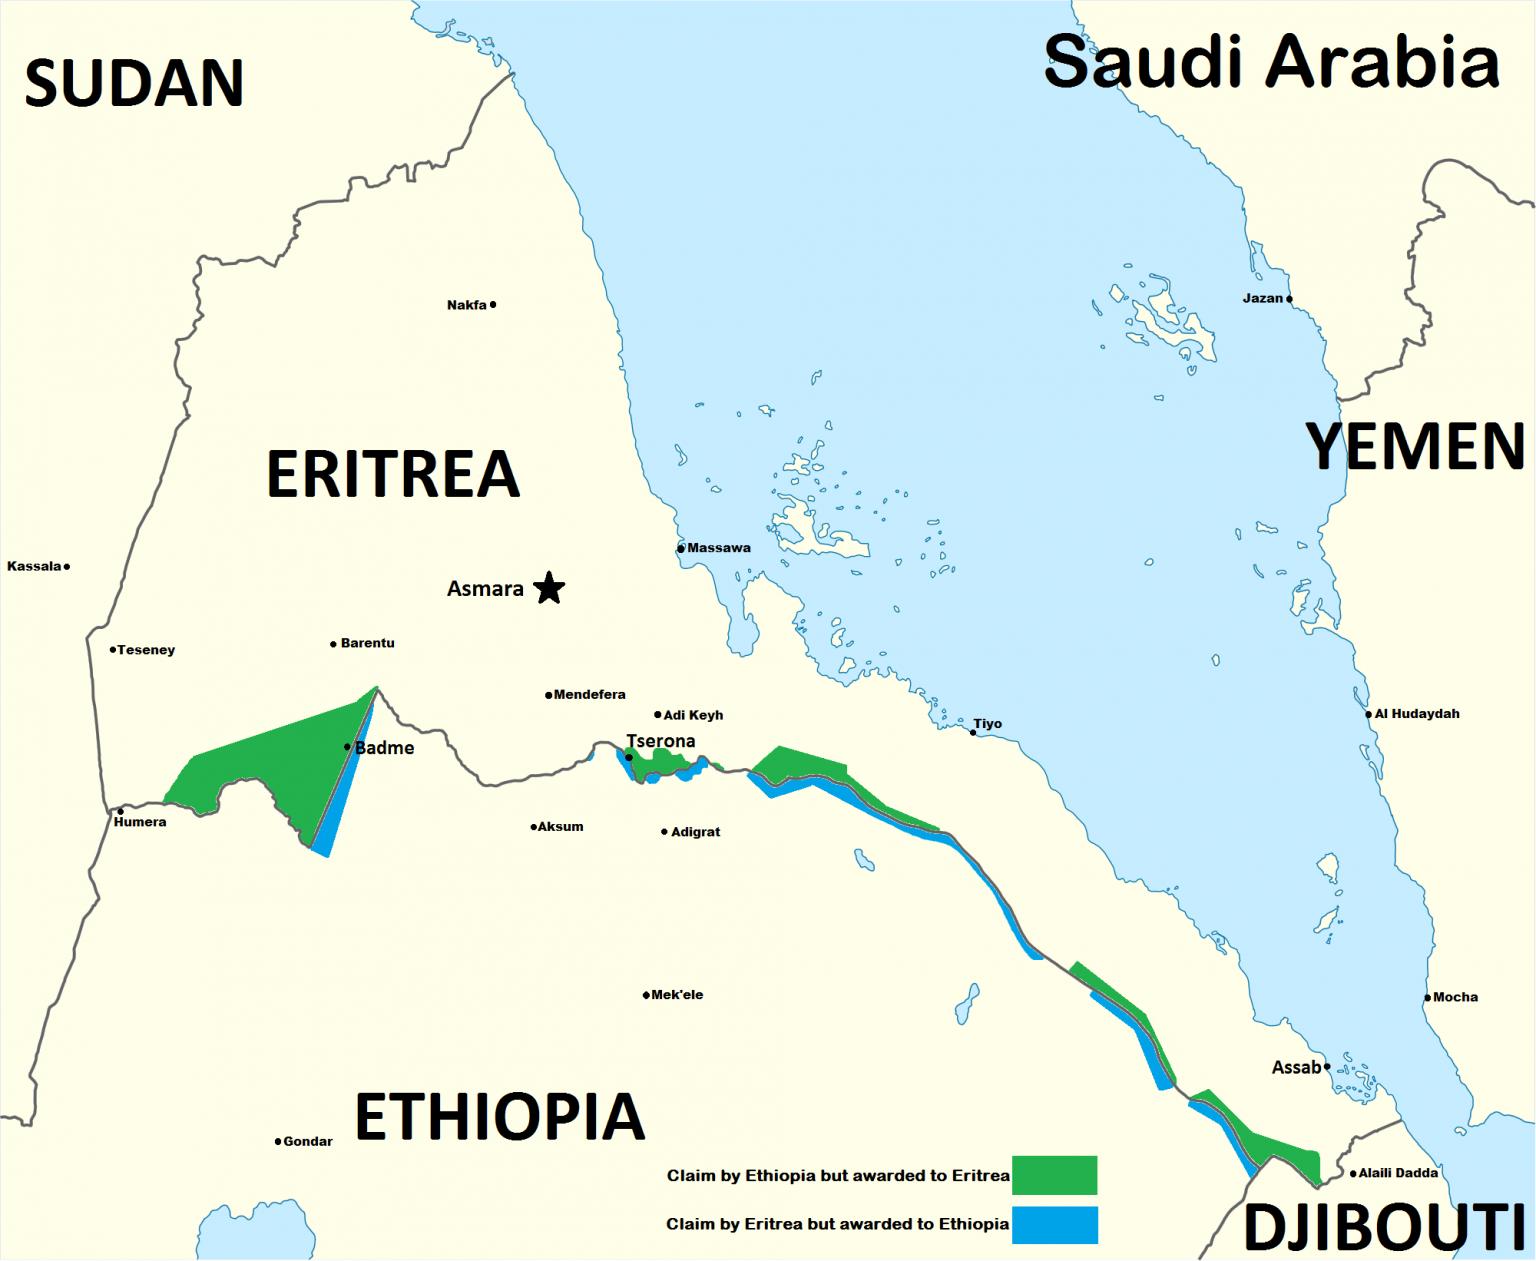 http://venturesafrica.com/wp-content/uploads/2017/07/Eritrean%E2%80%93Djibouti_War_Map_1998-1536x1261.png